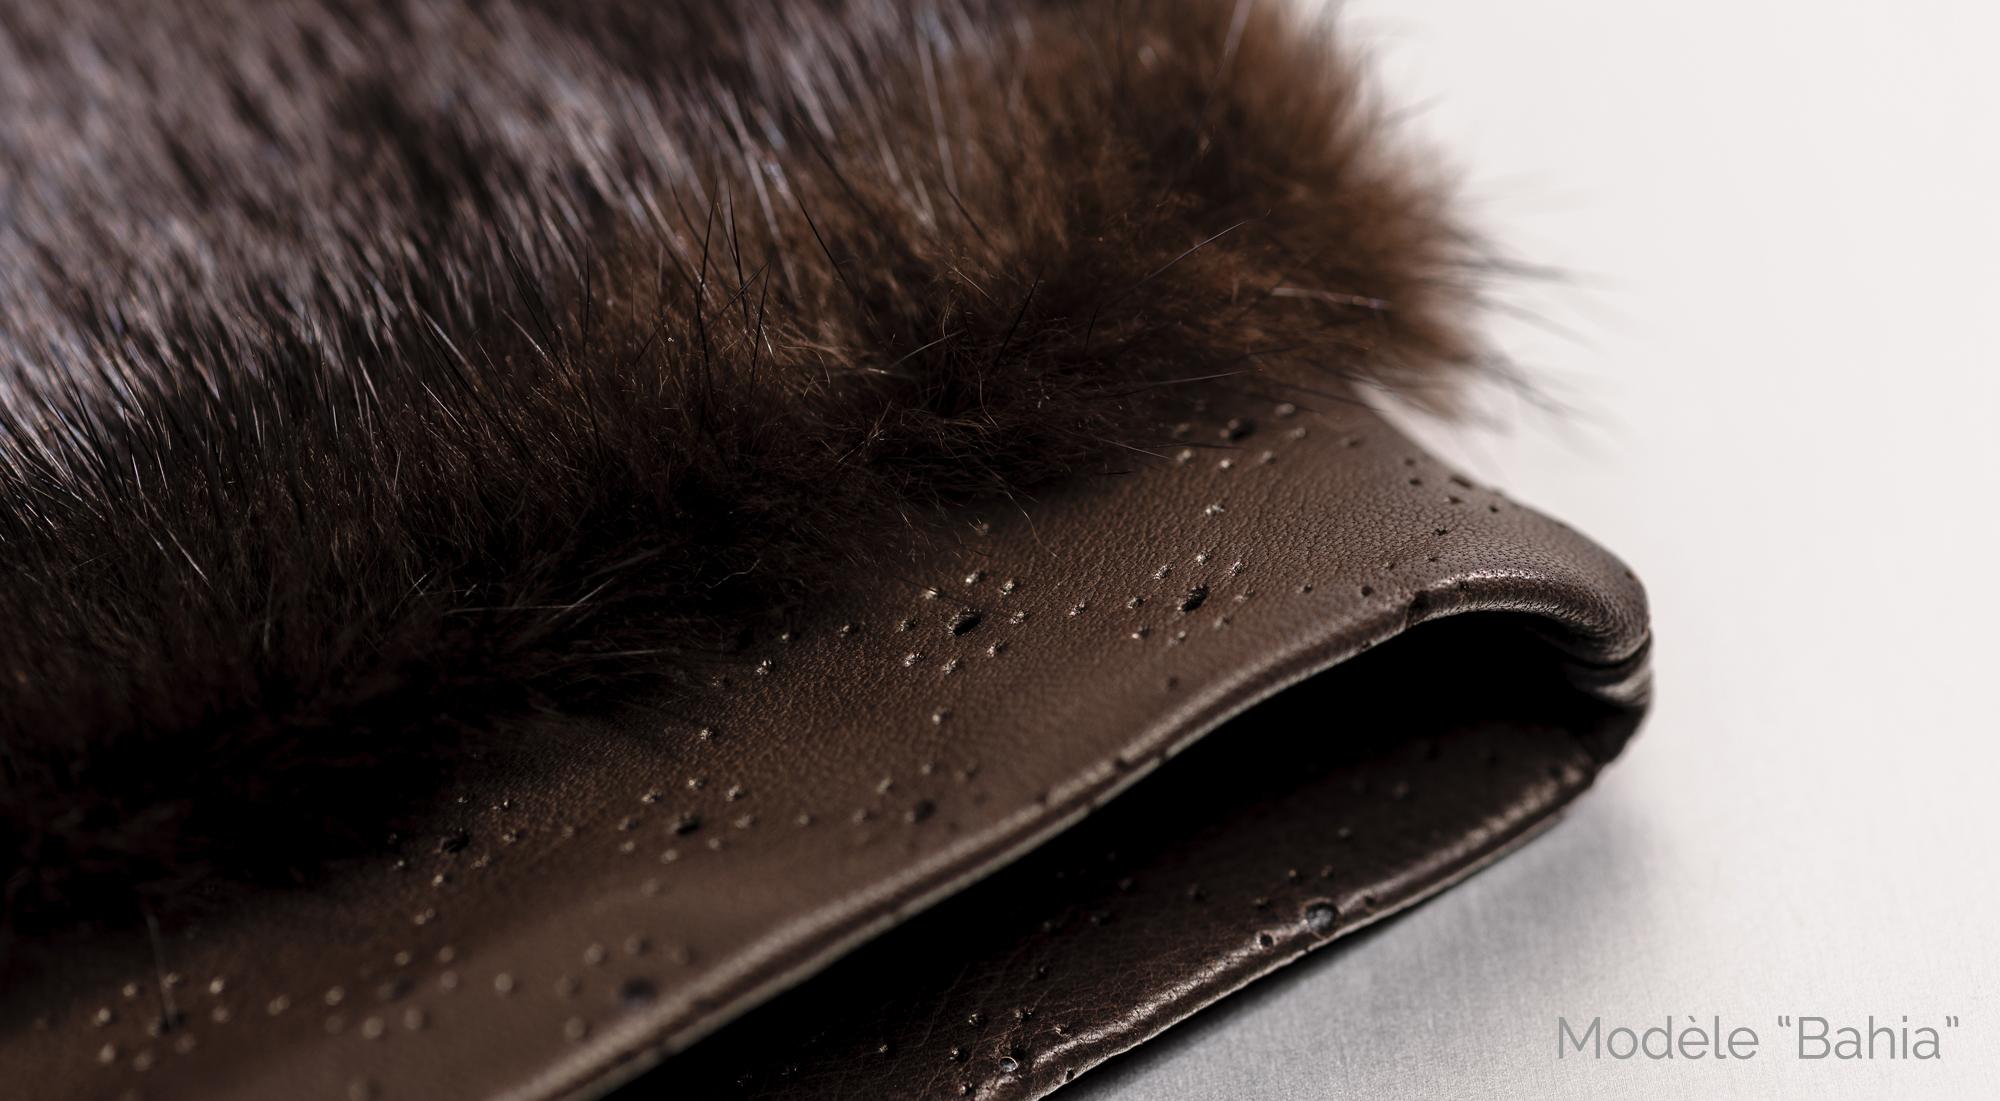 mink glove massage model bahia vison royale massage gloves mink. Black Bedroom Furniture Sets. Home Design Ideas